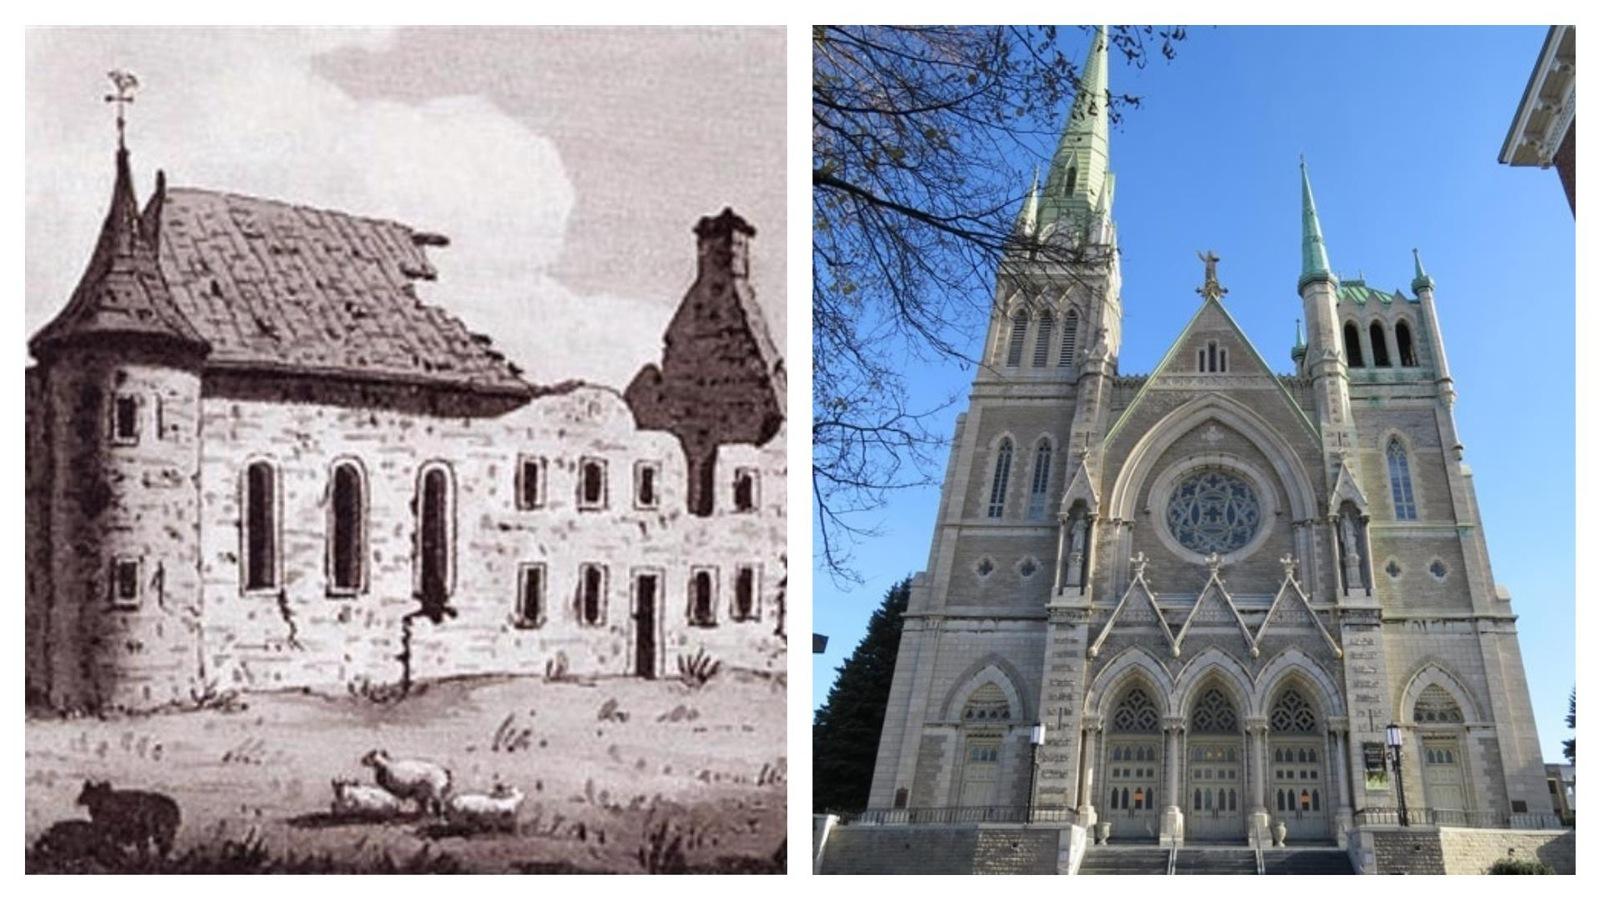 Montage montrant une illustration en noir et blanc d'un château en ruines à gauche et la photo de la façade d'une église à droite.